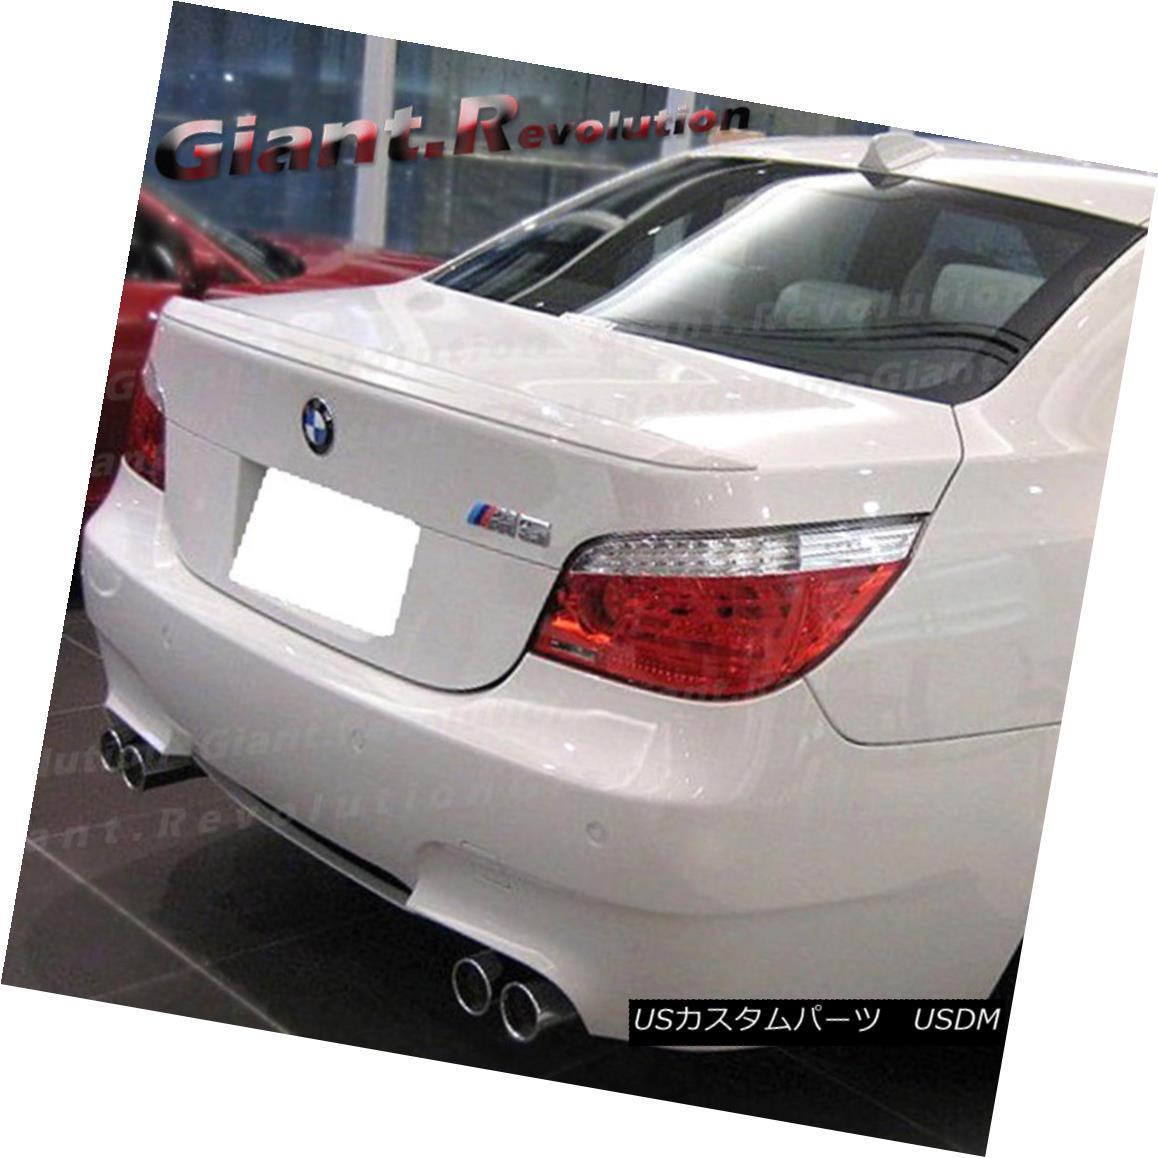 エアロパーツ For BW 04-10 E60 535i 528i 550i M5 Sedan 4DR Painted Color M Style Trunk Spoiler BW 04-10用E60 535i 528i 550i M5セダン4DR塗装カラーMスタイルトランク・スポイラー